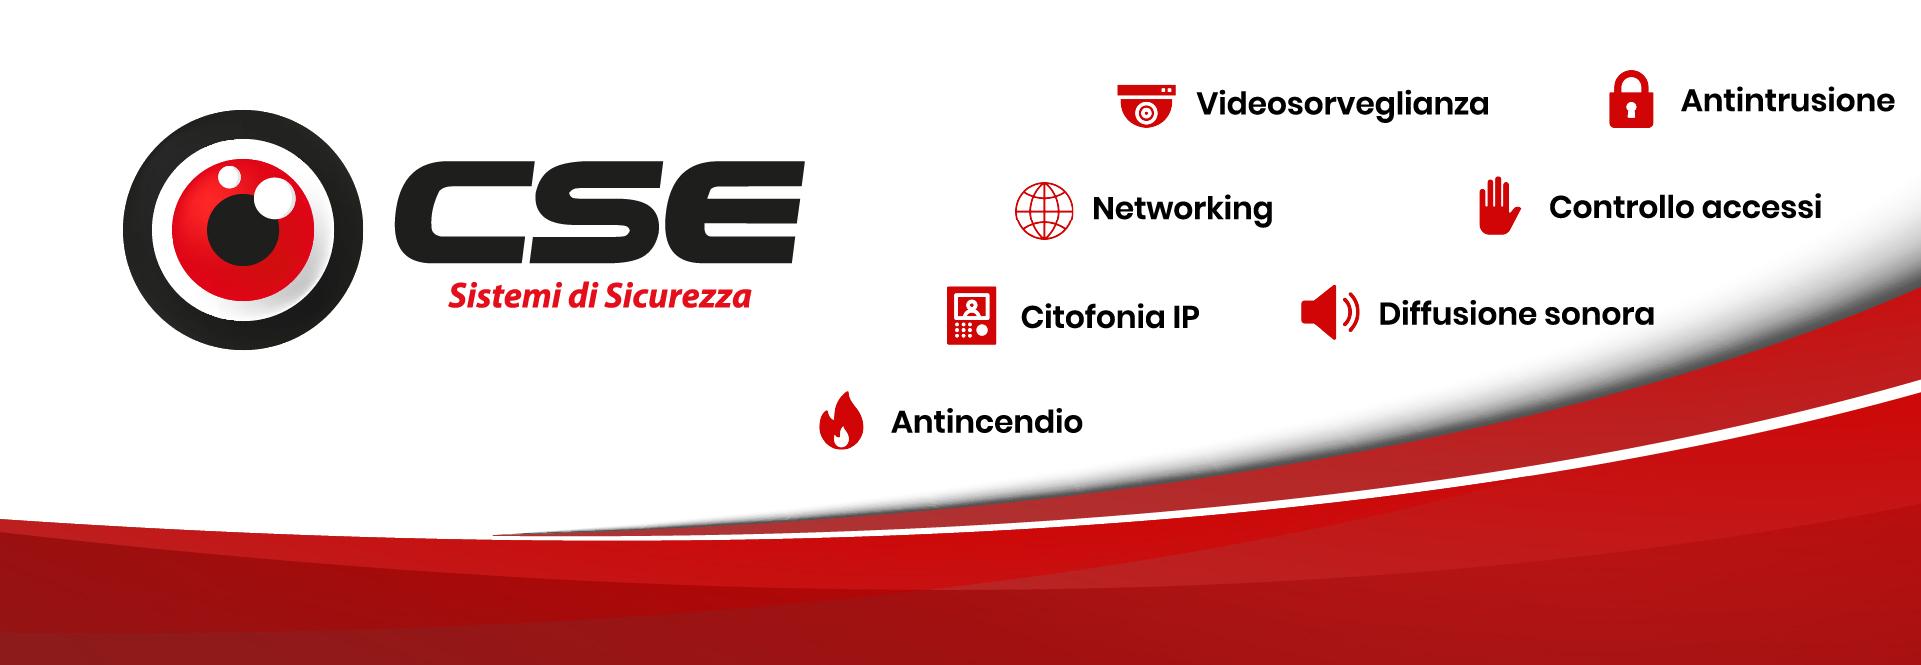 cse-sistemi-di-sicurezzza-bg-header